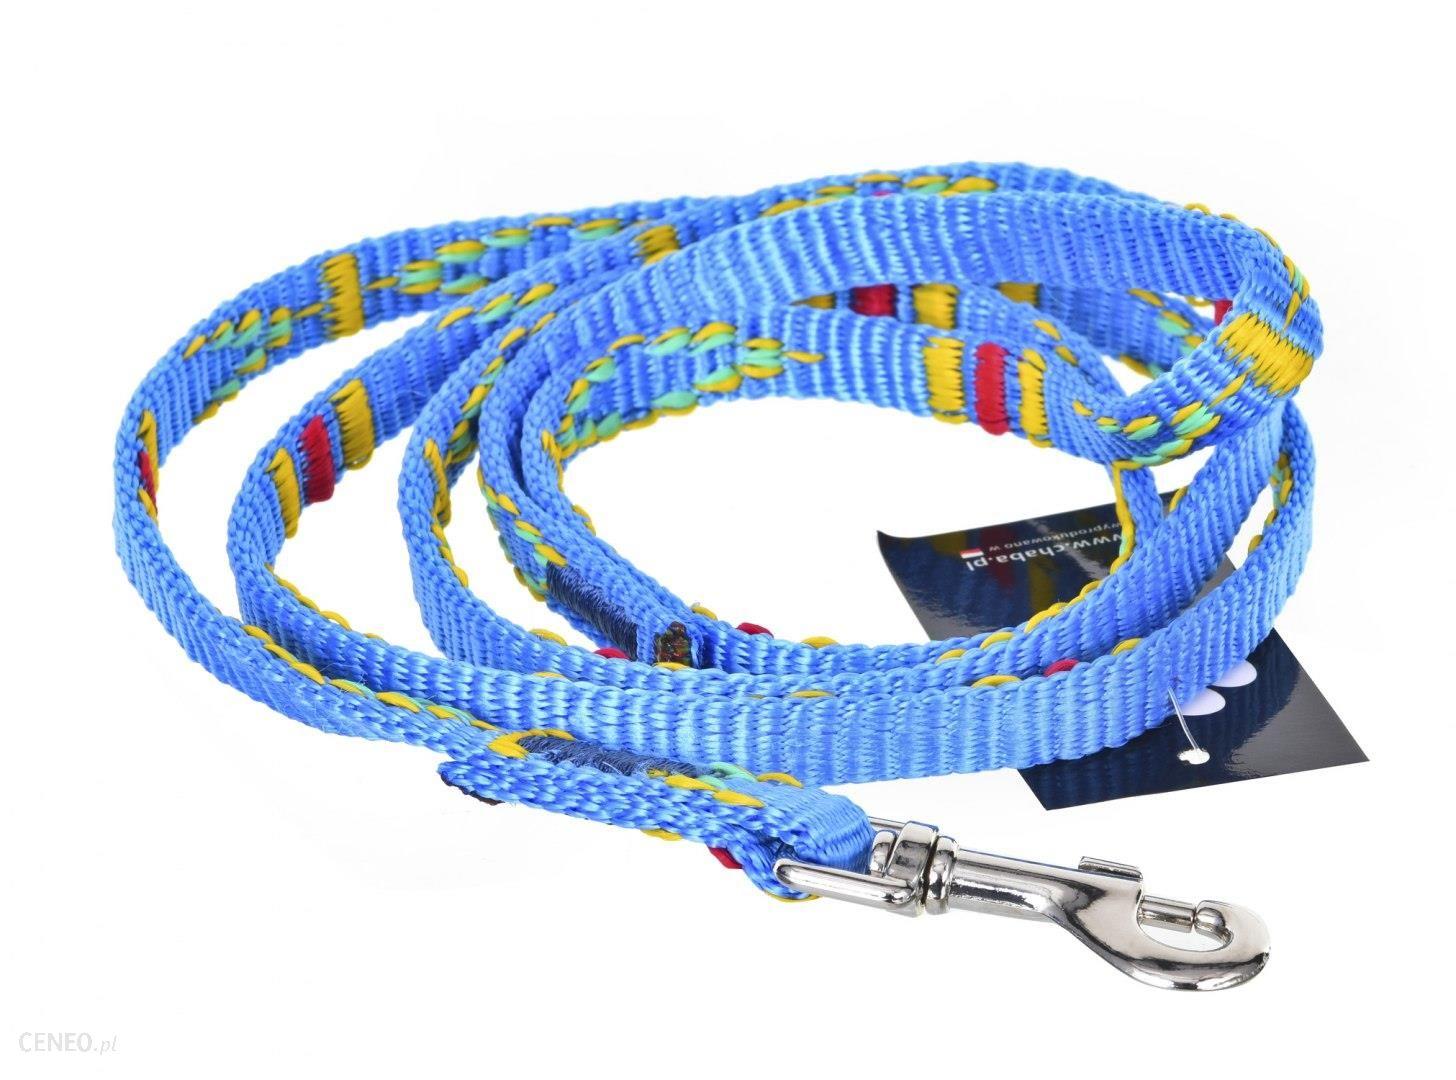 Smycz Ozdobna 10-130Cm Niebieska